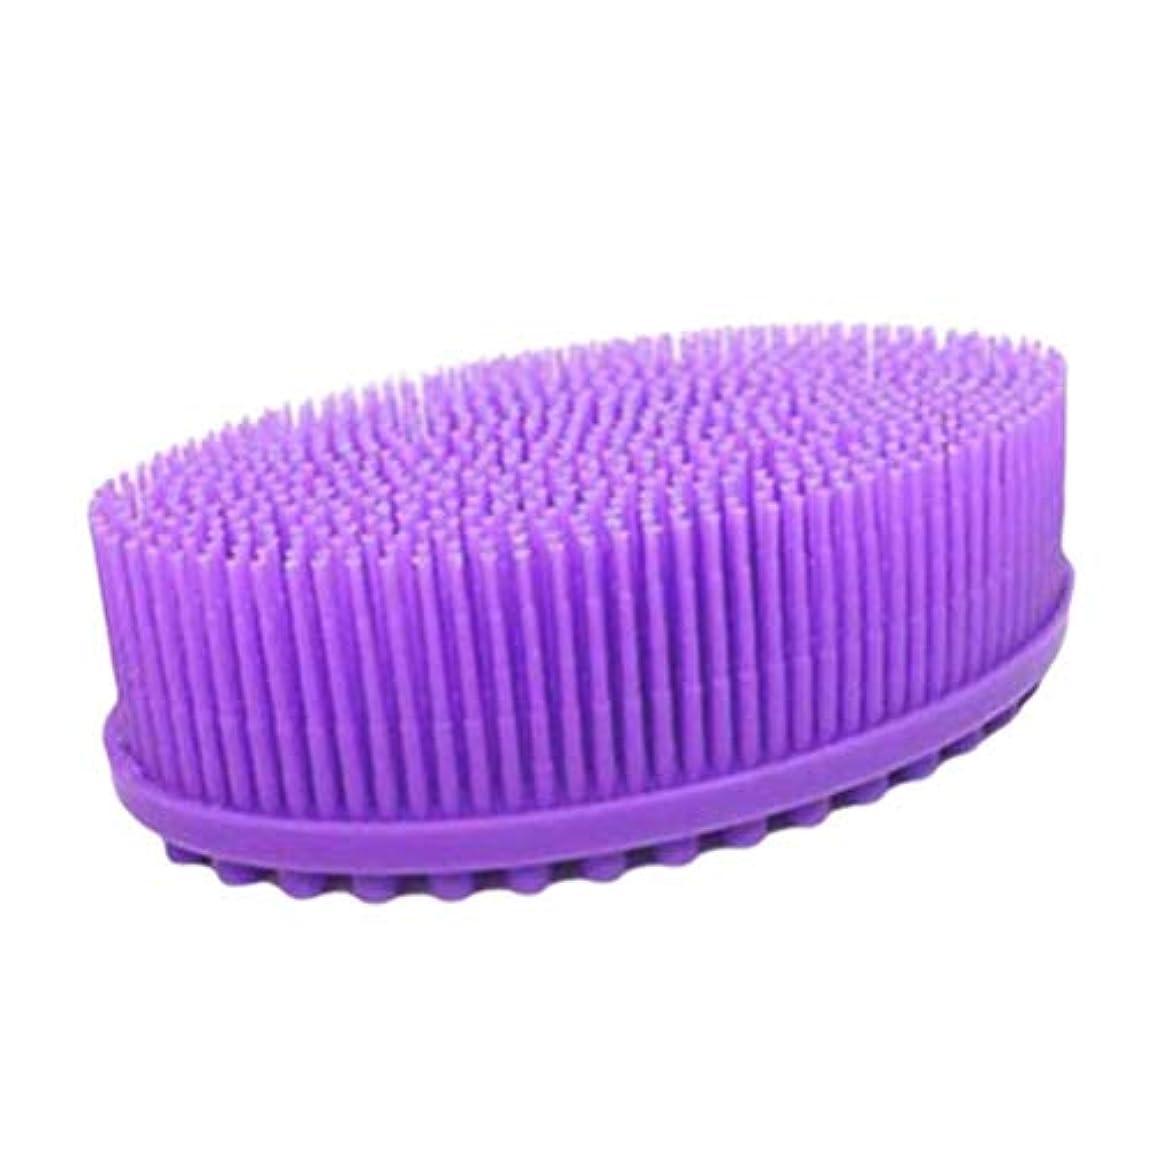 おっとこだわりロバTOPBATHY ベビーシリコンボディヘアシャンプーブラシバスバックブラシスキンマッサージラウンドヘッドボディシャワーブラシ(紫)